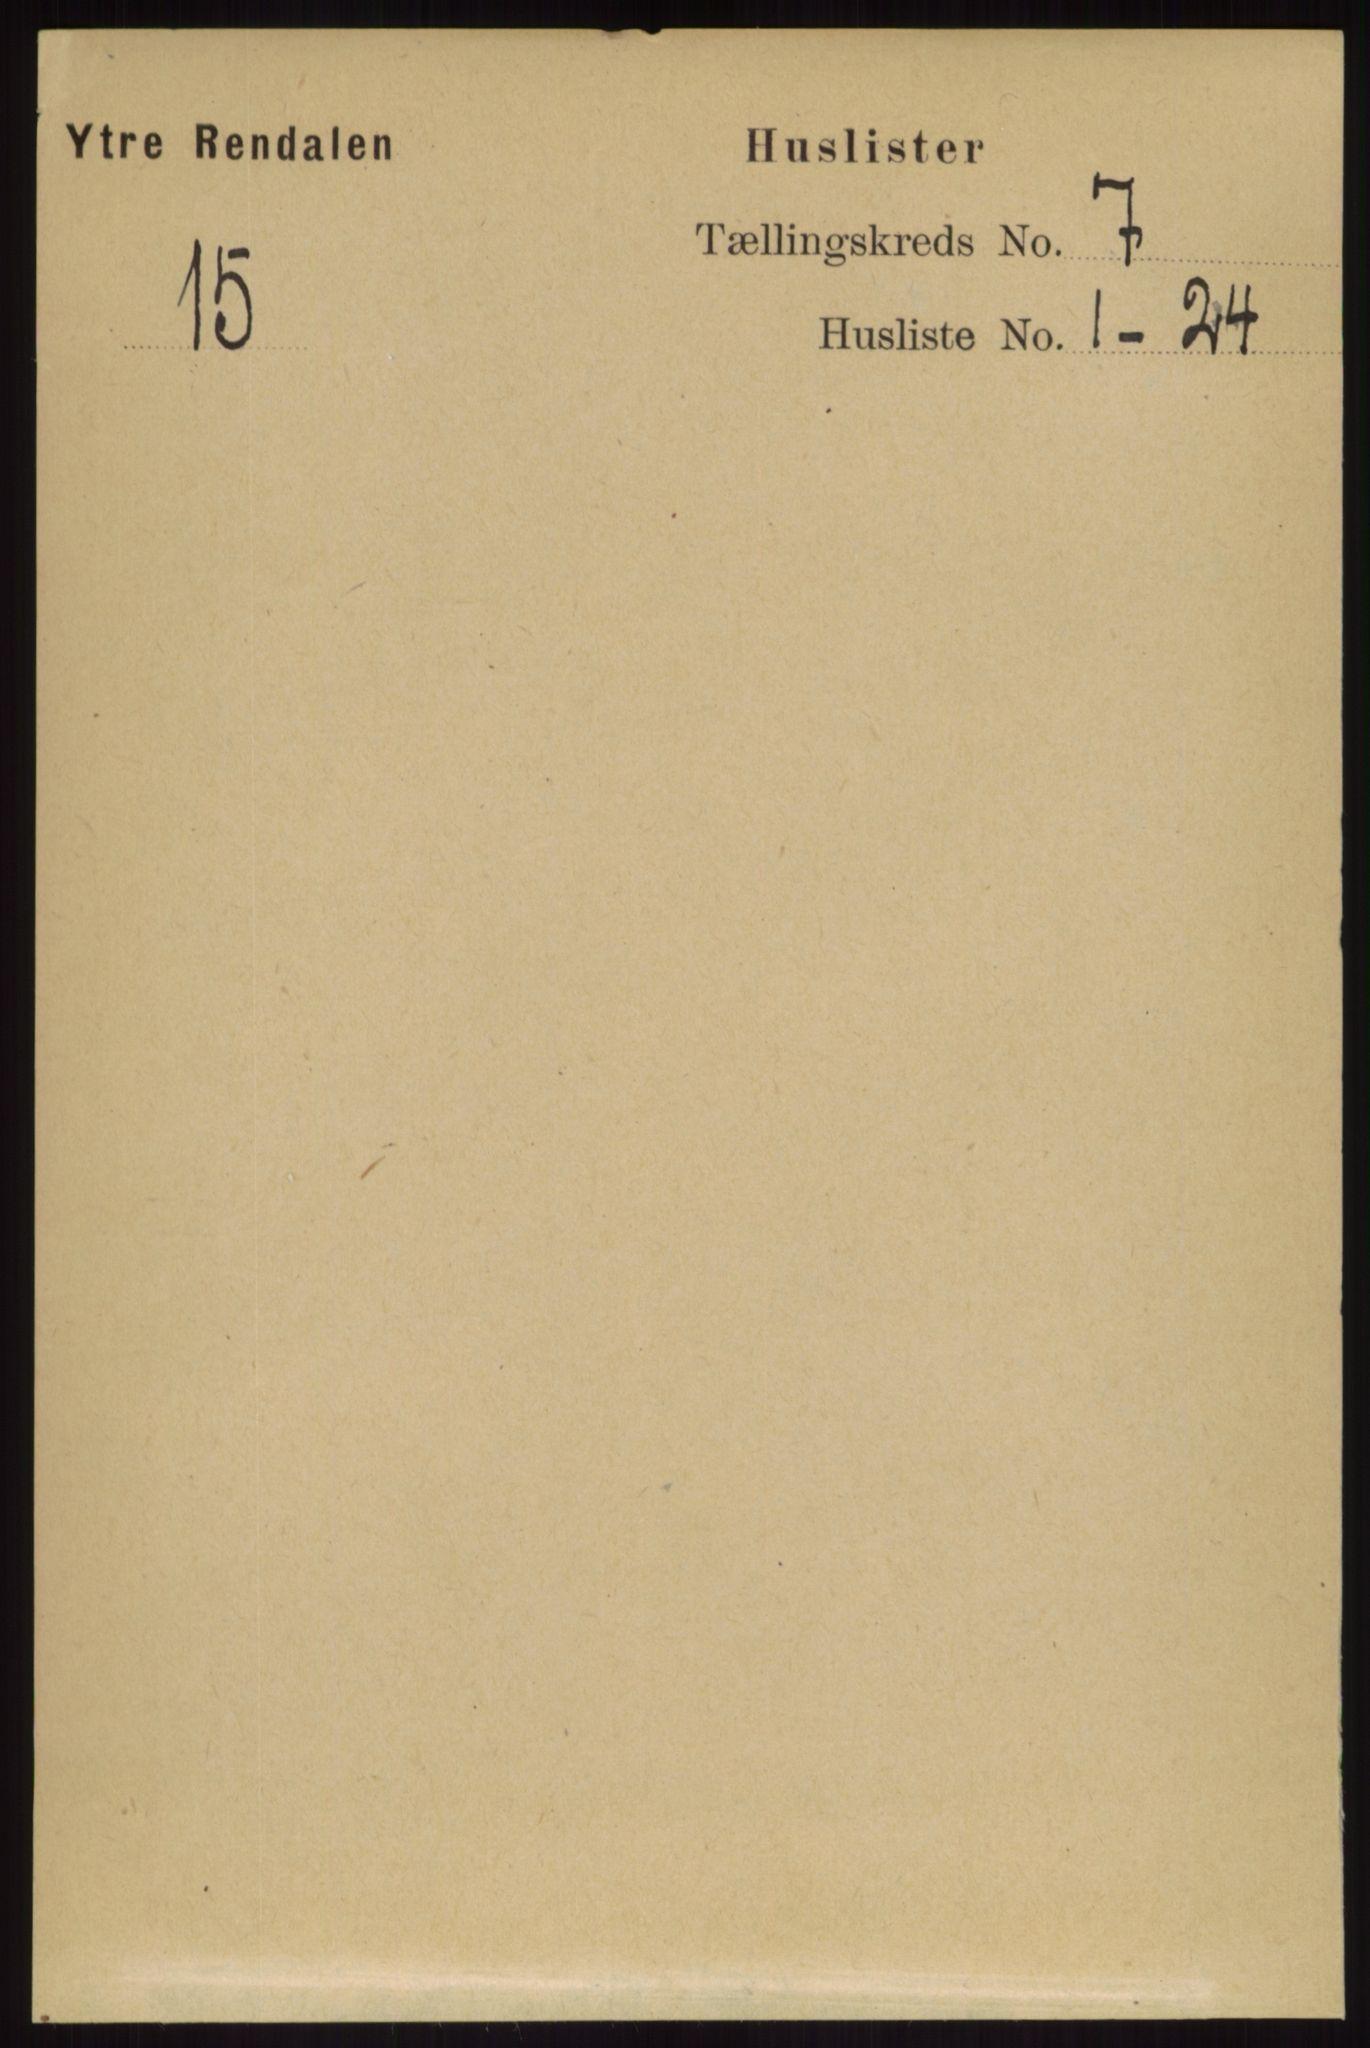 RA, Folketelling 1891 for 0432 Ytre Rendal herred, 1891, s. 1818